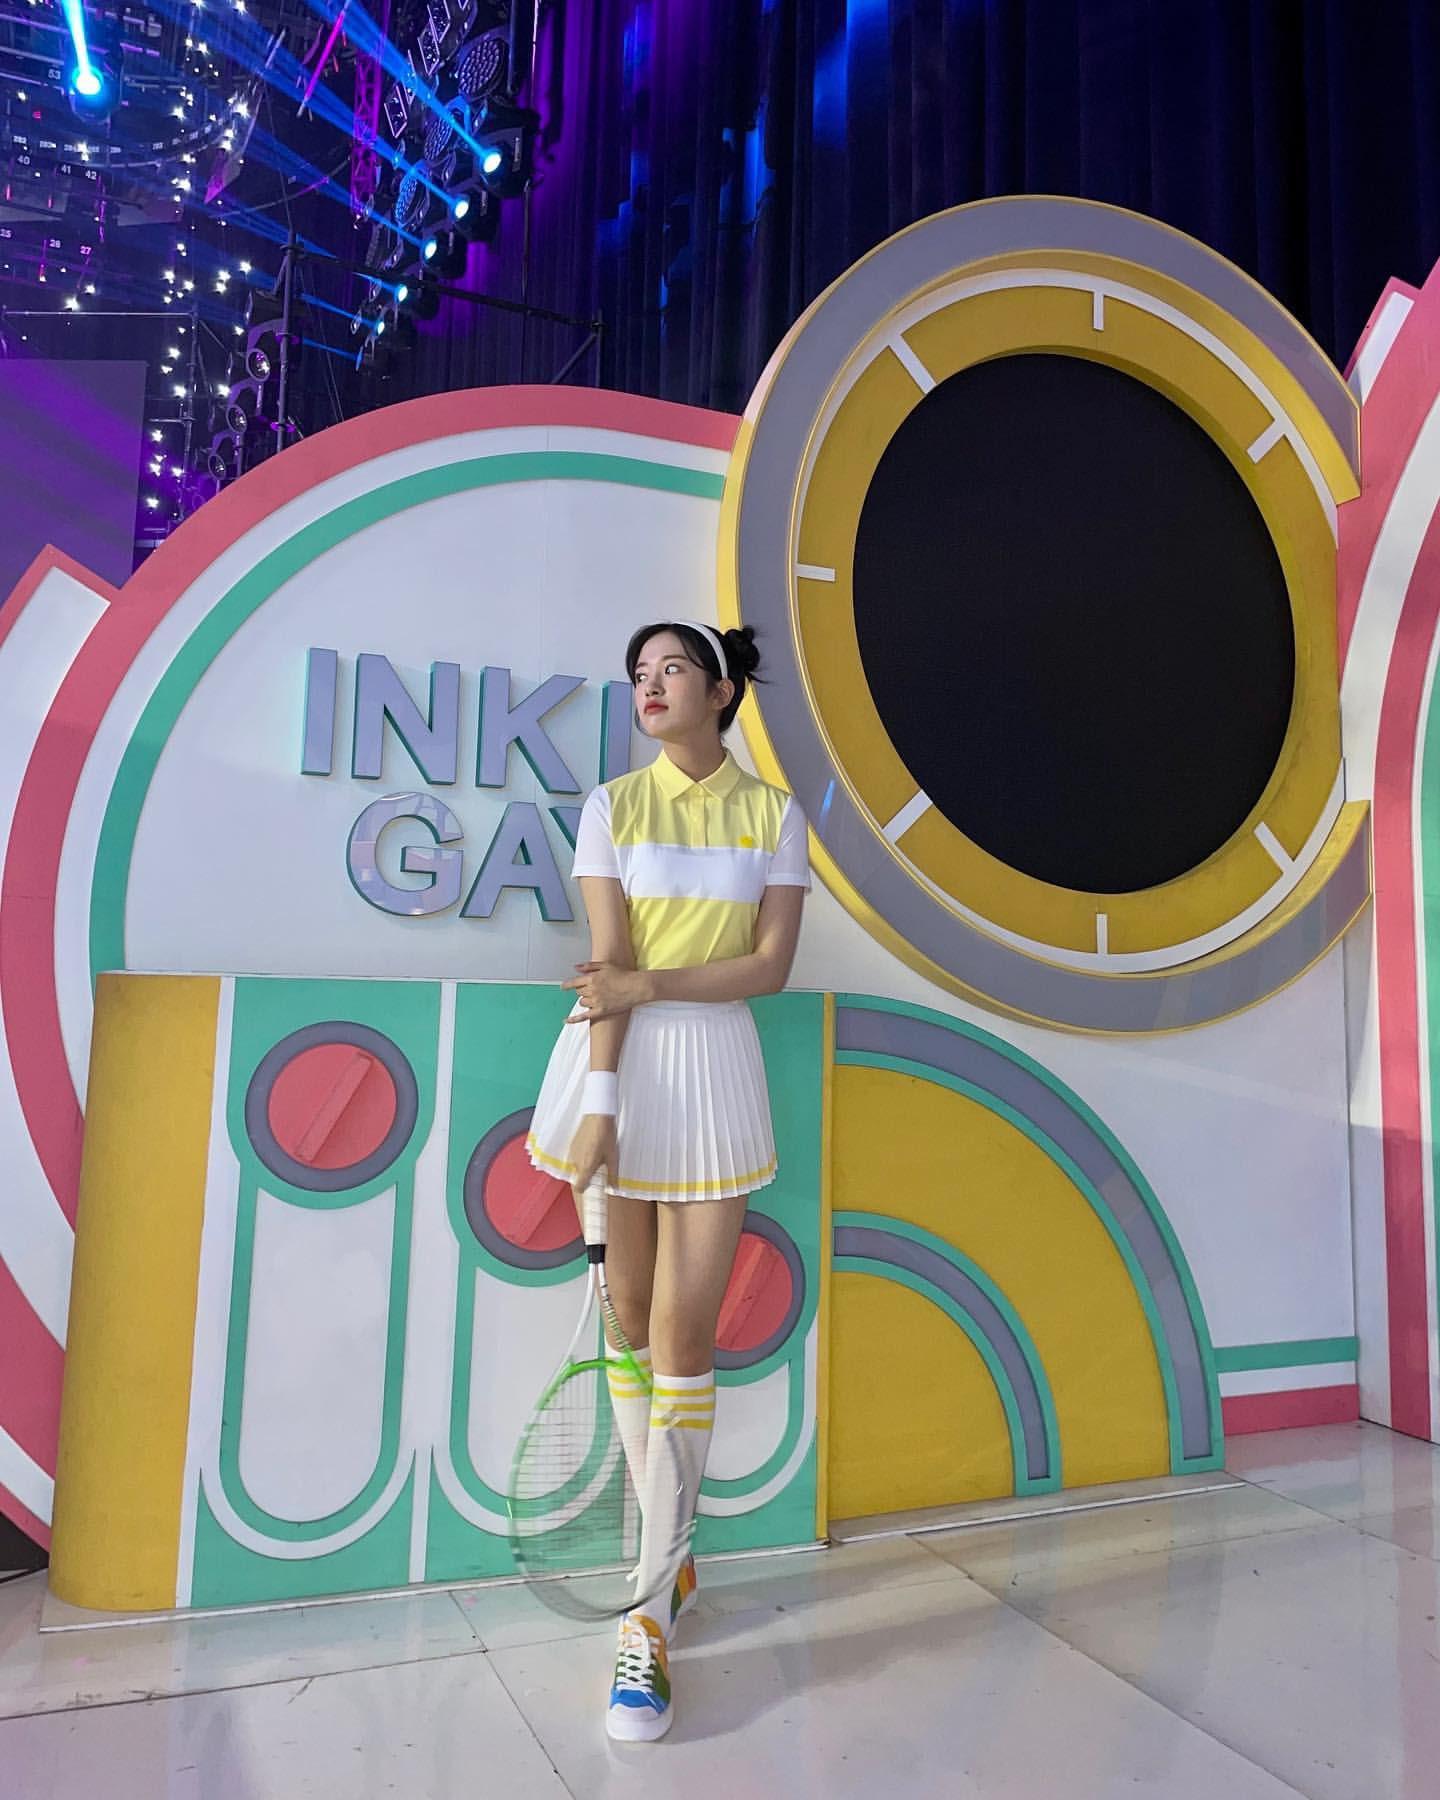 Style thể thao rất được Yu Jin ưa chuộng vì phù hợp với vóc dáng cao ráo, body khỏe mạnh và thần thái tươi vui năng động.